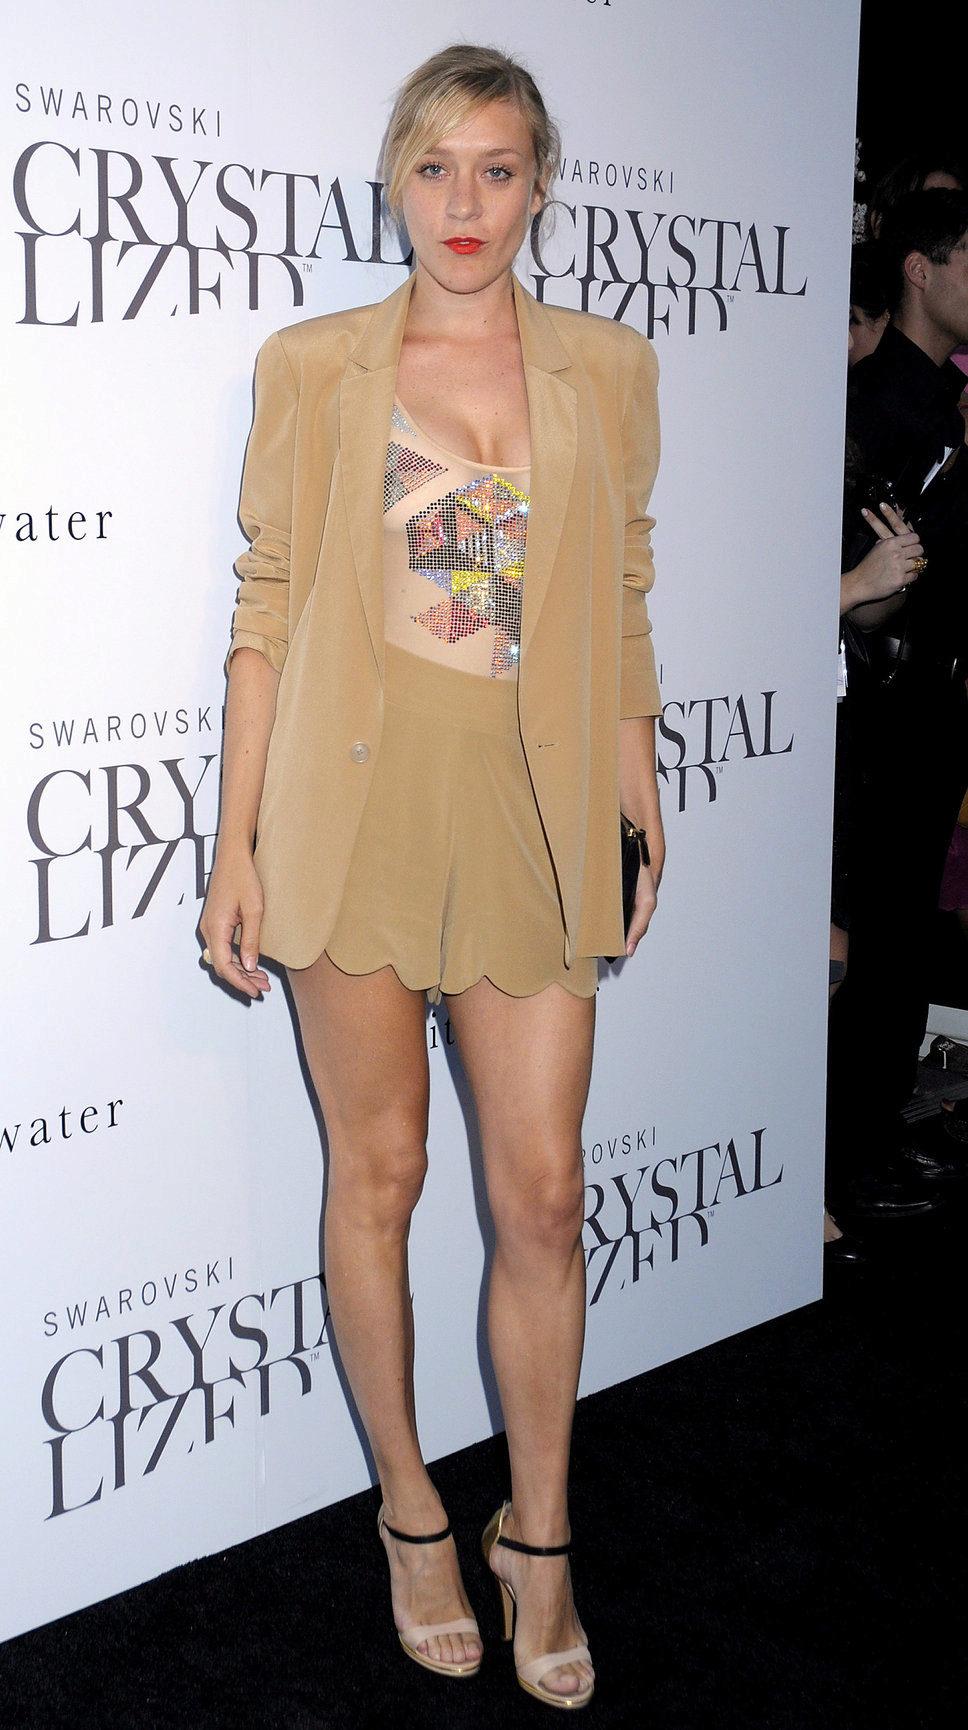 bb89748e92ce Модель костюма шорты и пиджак относится к повседневному стилю. Кожаные  костюмы с шортами выглядят строго и сексуально. Их рискнут надеть только  девушки ...